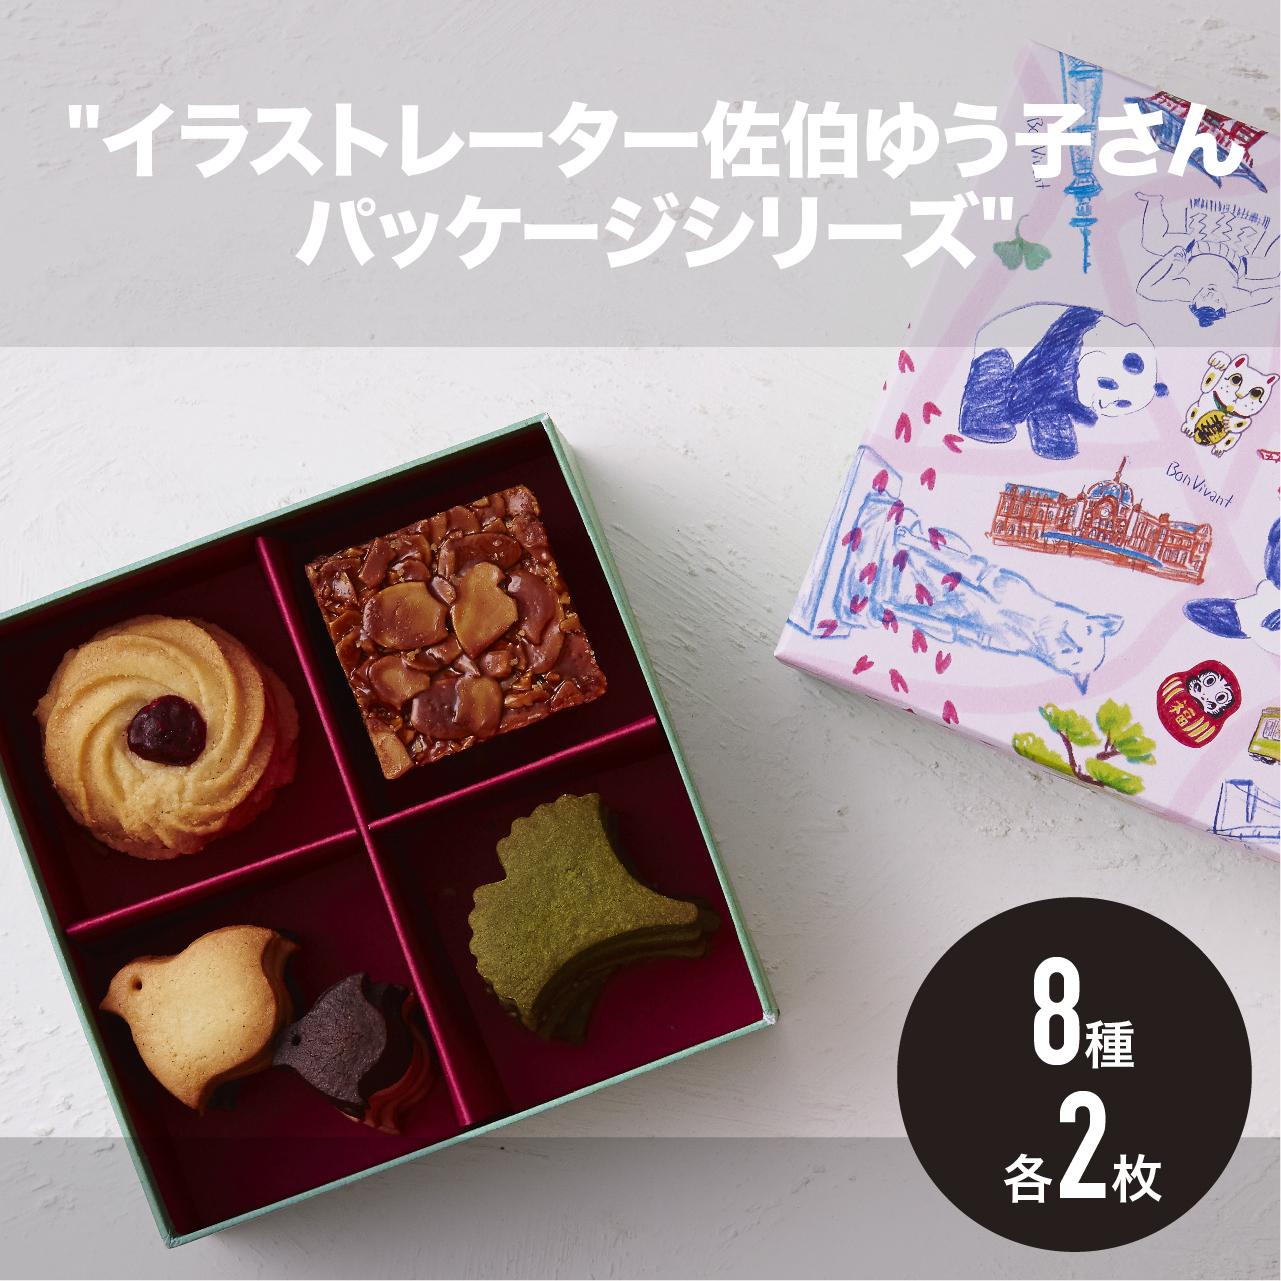 <予約販売>【ギフトにおすすめ!8種のクッキー16枚入個包装/イラストレーター佐伯ゆう子さんパッケージシリーズ】クッキーアソートボックス 東京 ※12月10日以降順次発送になります。